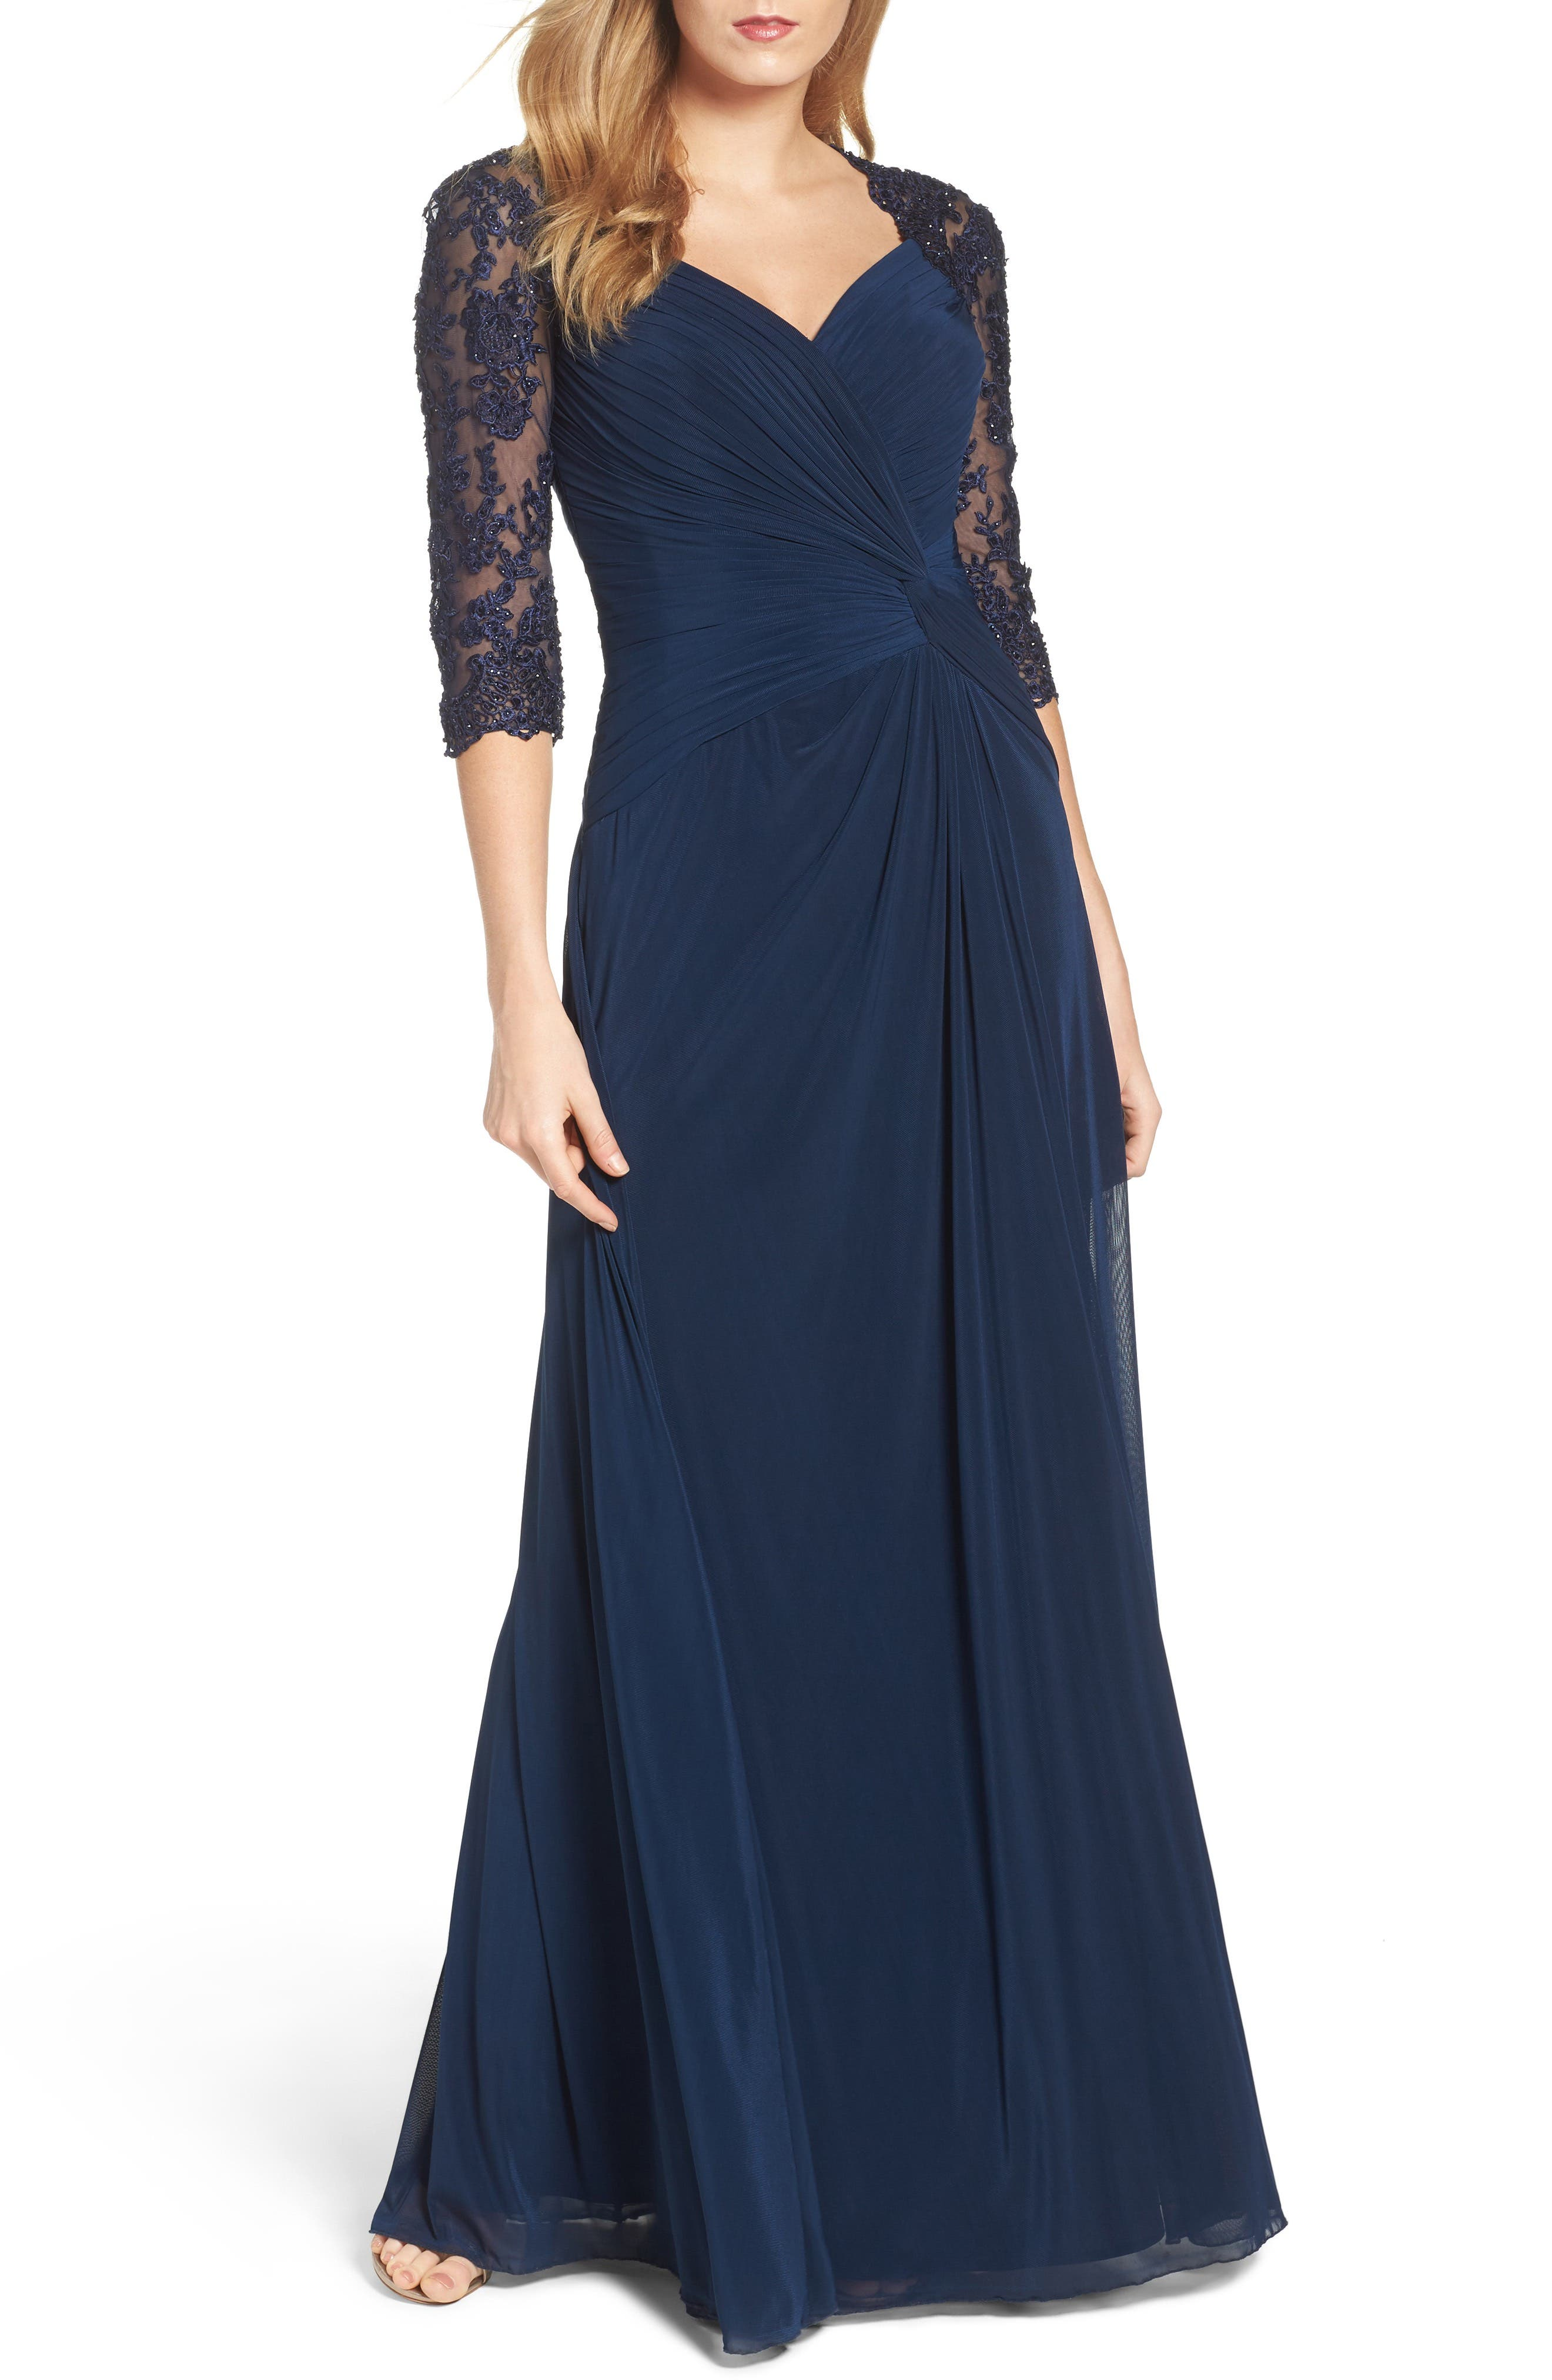 La Femme Lace & Net Ruched Twist Front Gown